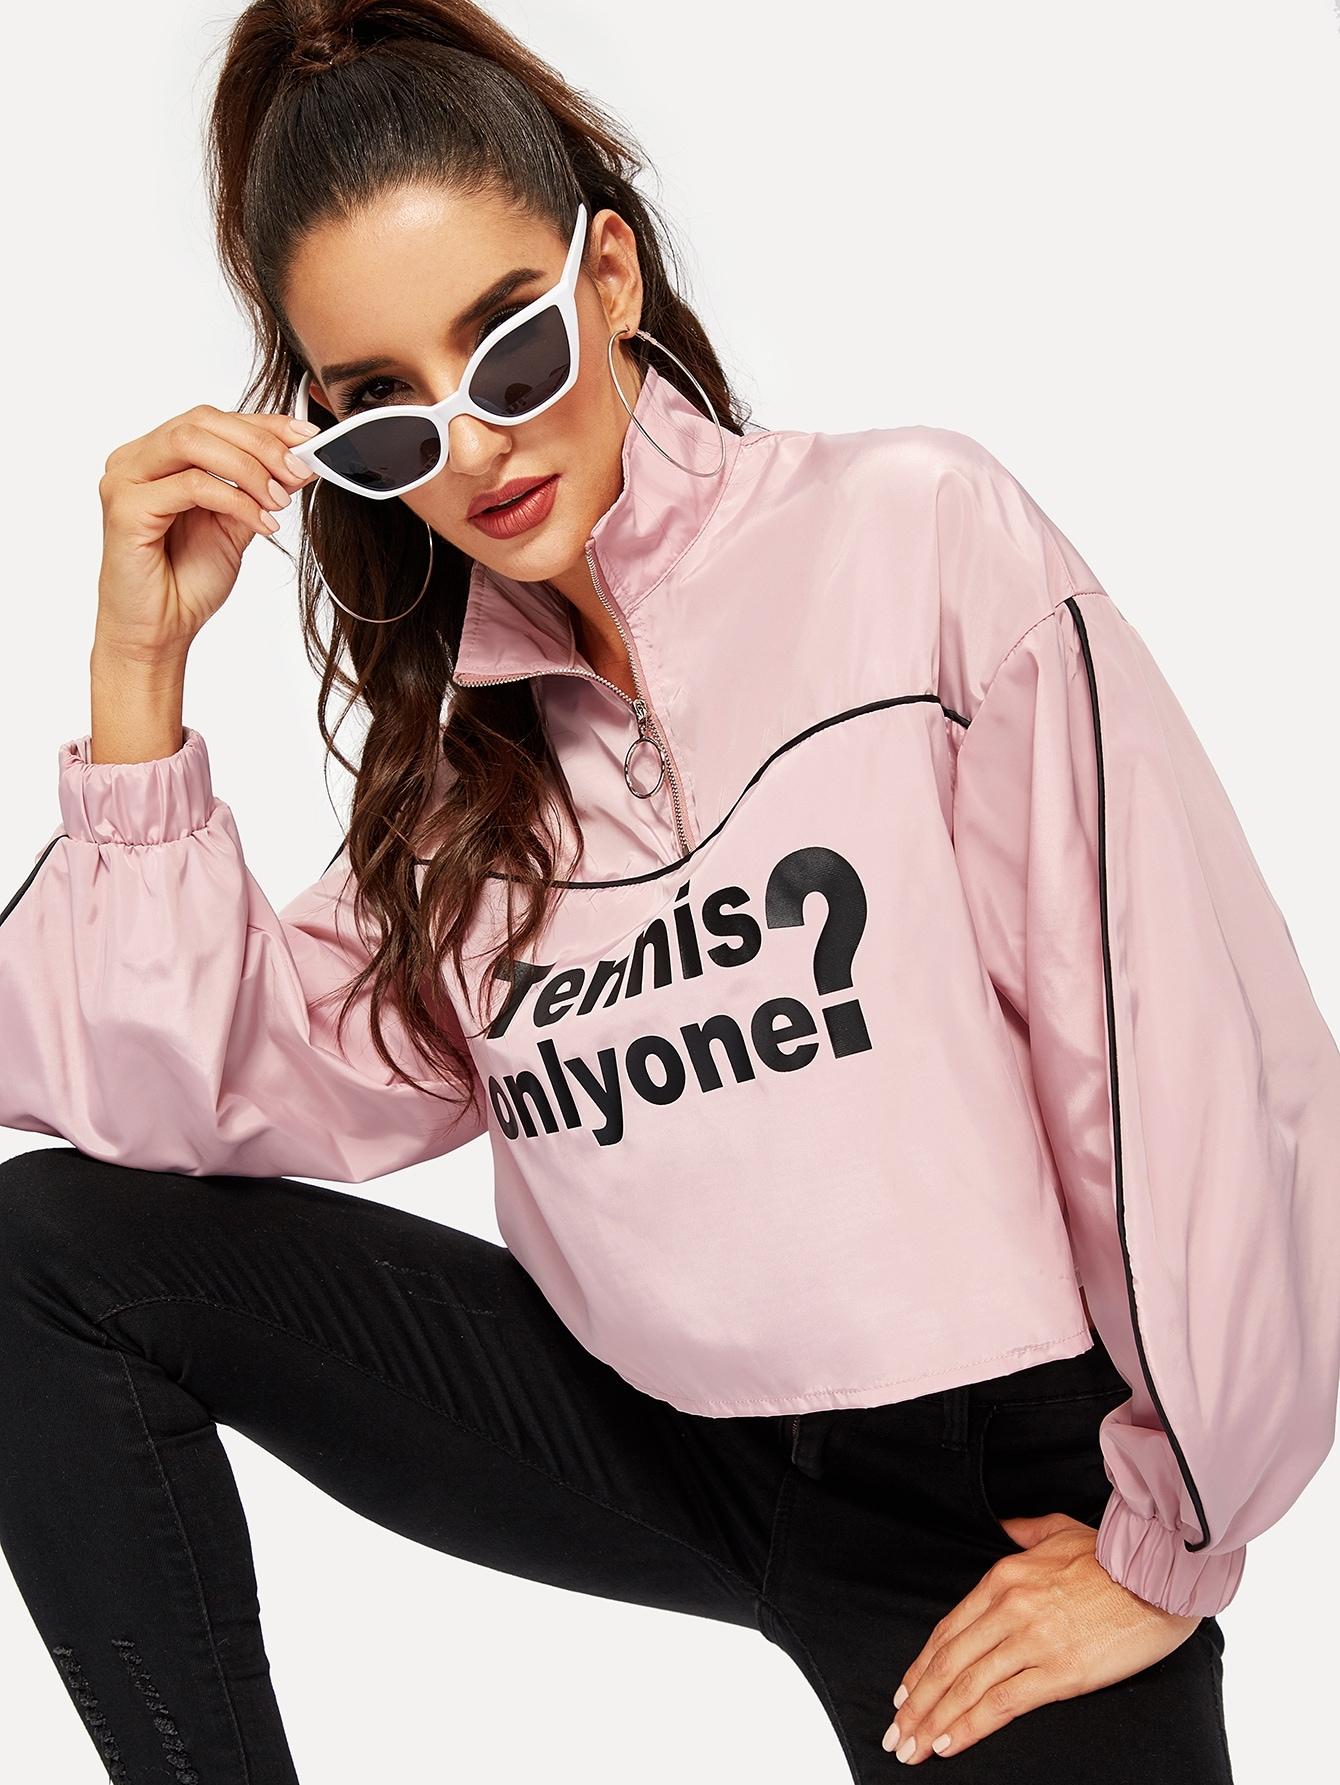 Контрастная куртка с молнией и текстовым принтом, Juliana, SheIn  - купить со скидкой